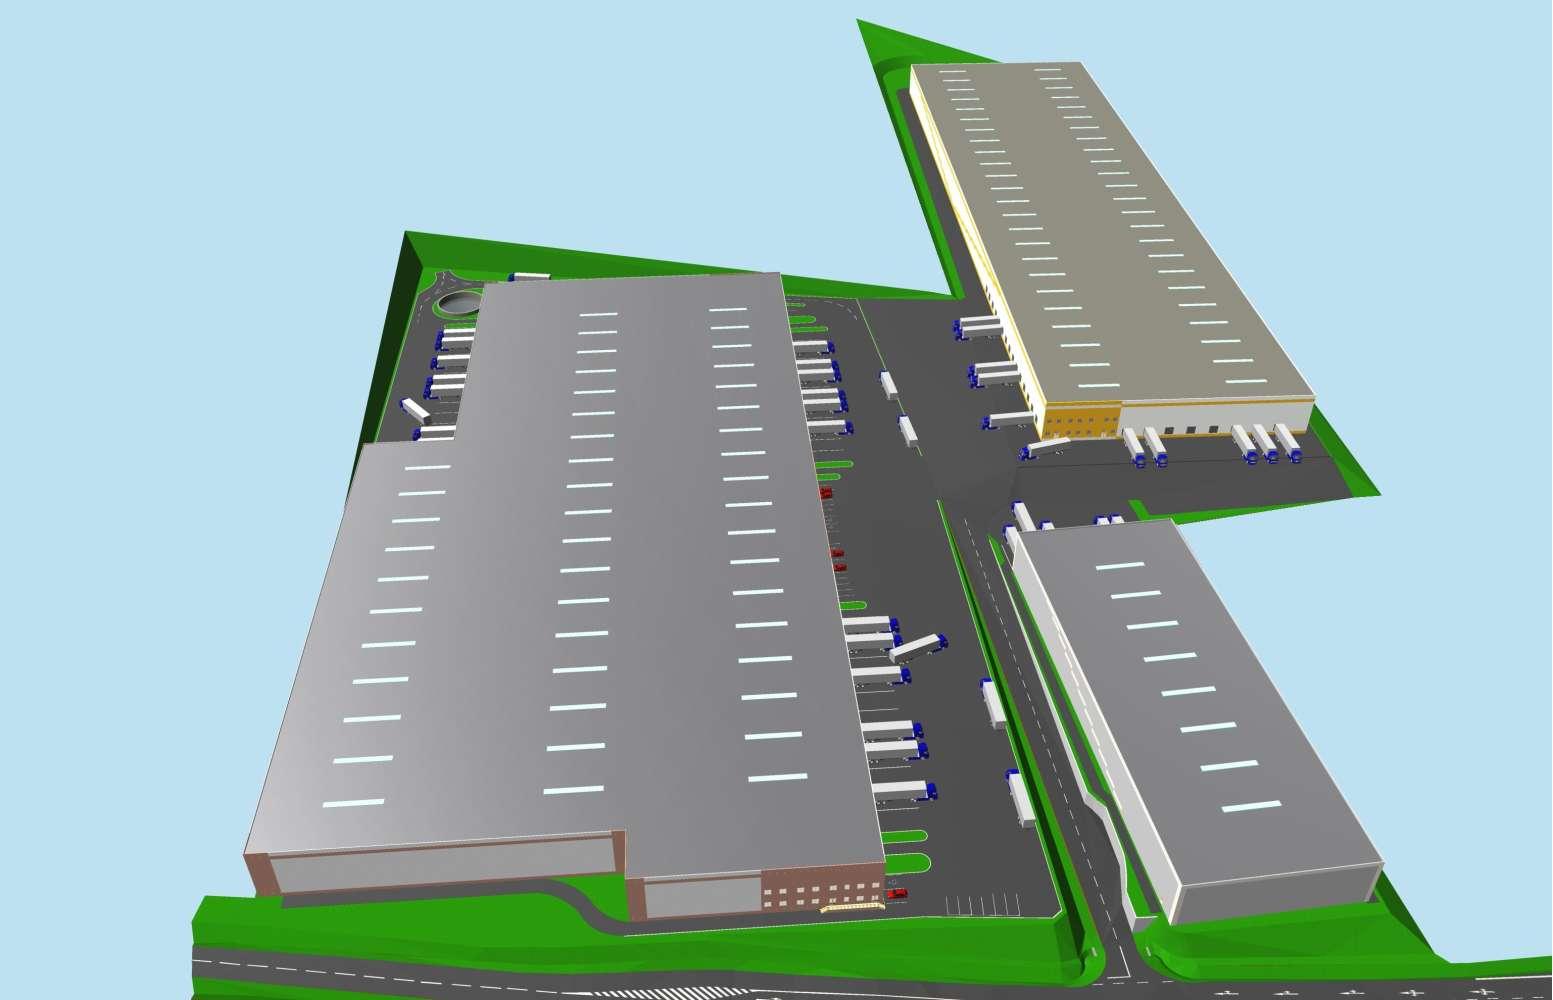 Průmyslové nemovitosti Velka bity,  - Brno West Business Park - 277410881741041